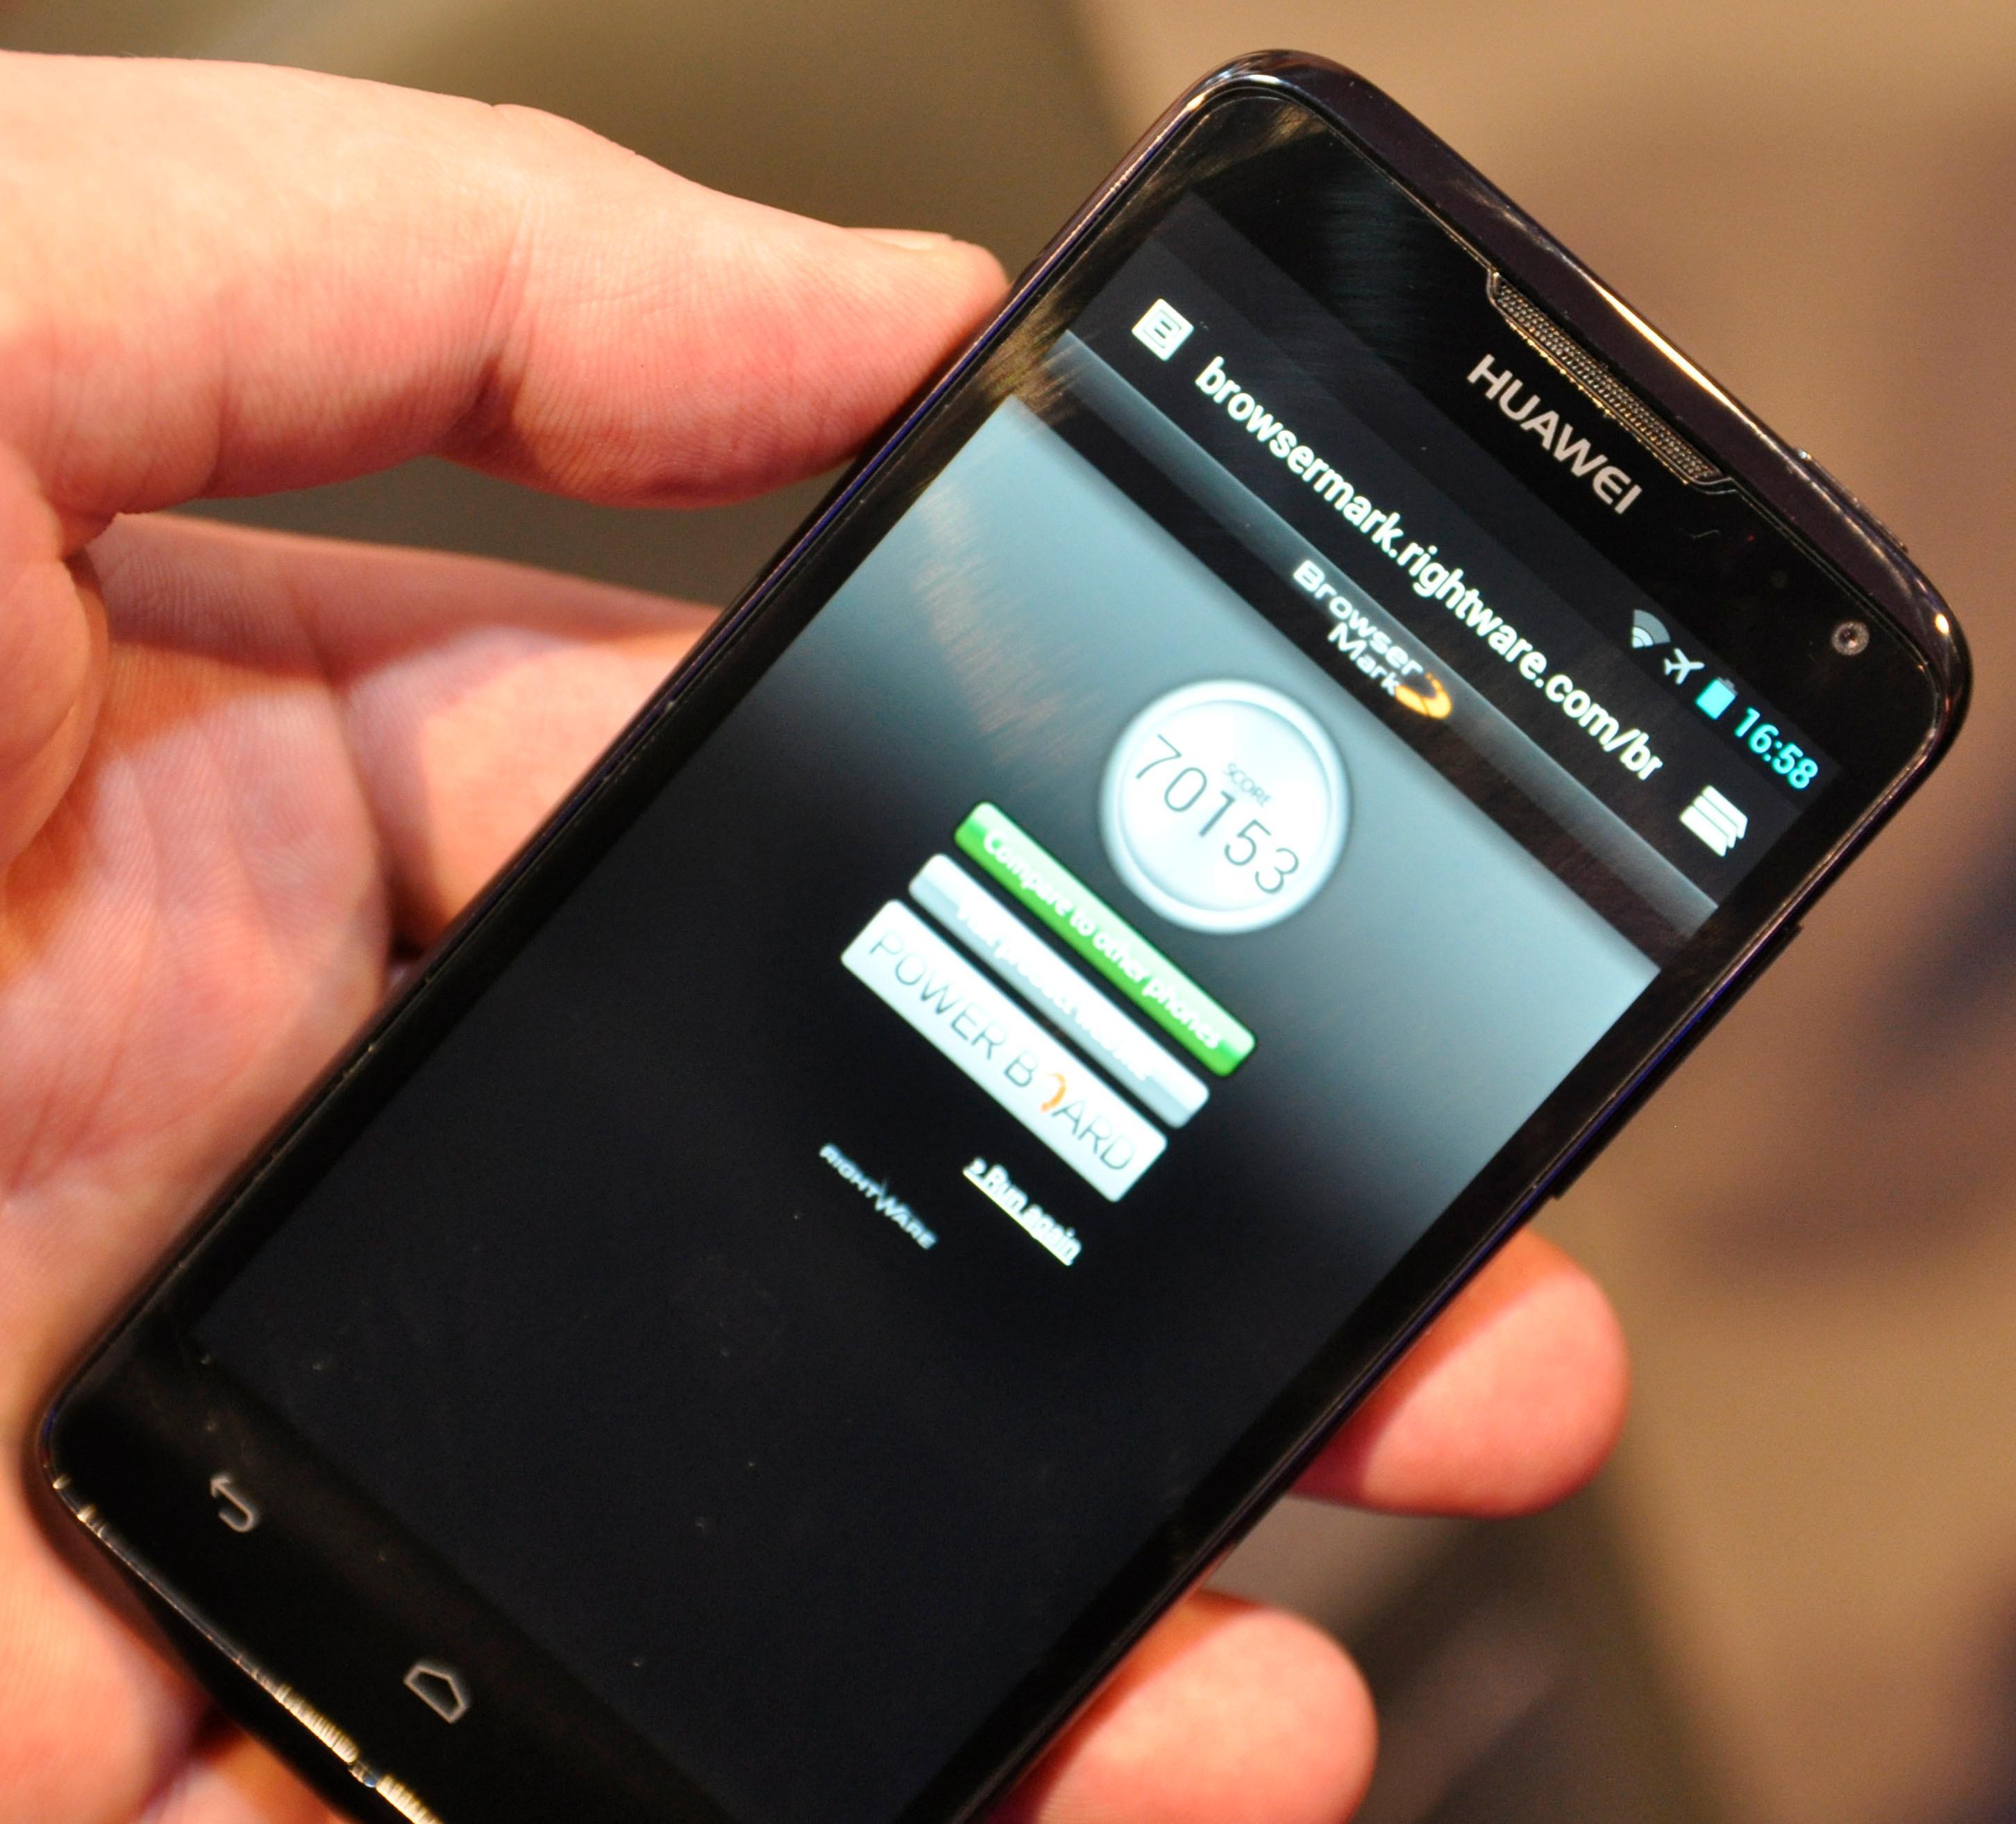 Browsermark måler nettleserytelse. Her kommer Ascend D quad veldig godt ut, men her har vi sett bedre resultater i enkelte andre nettbrett og mobiltelefoner.